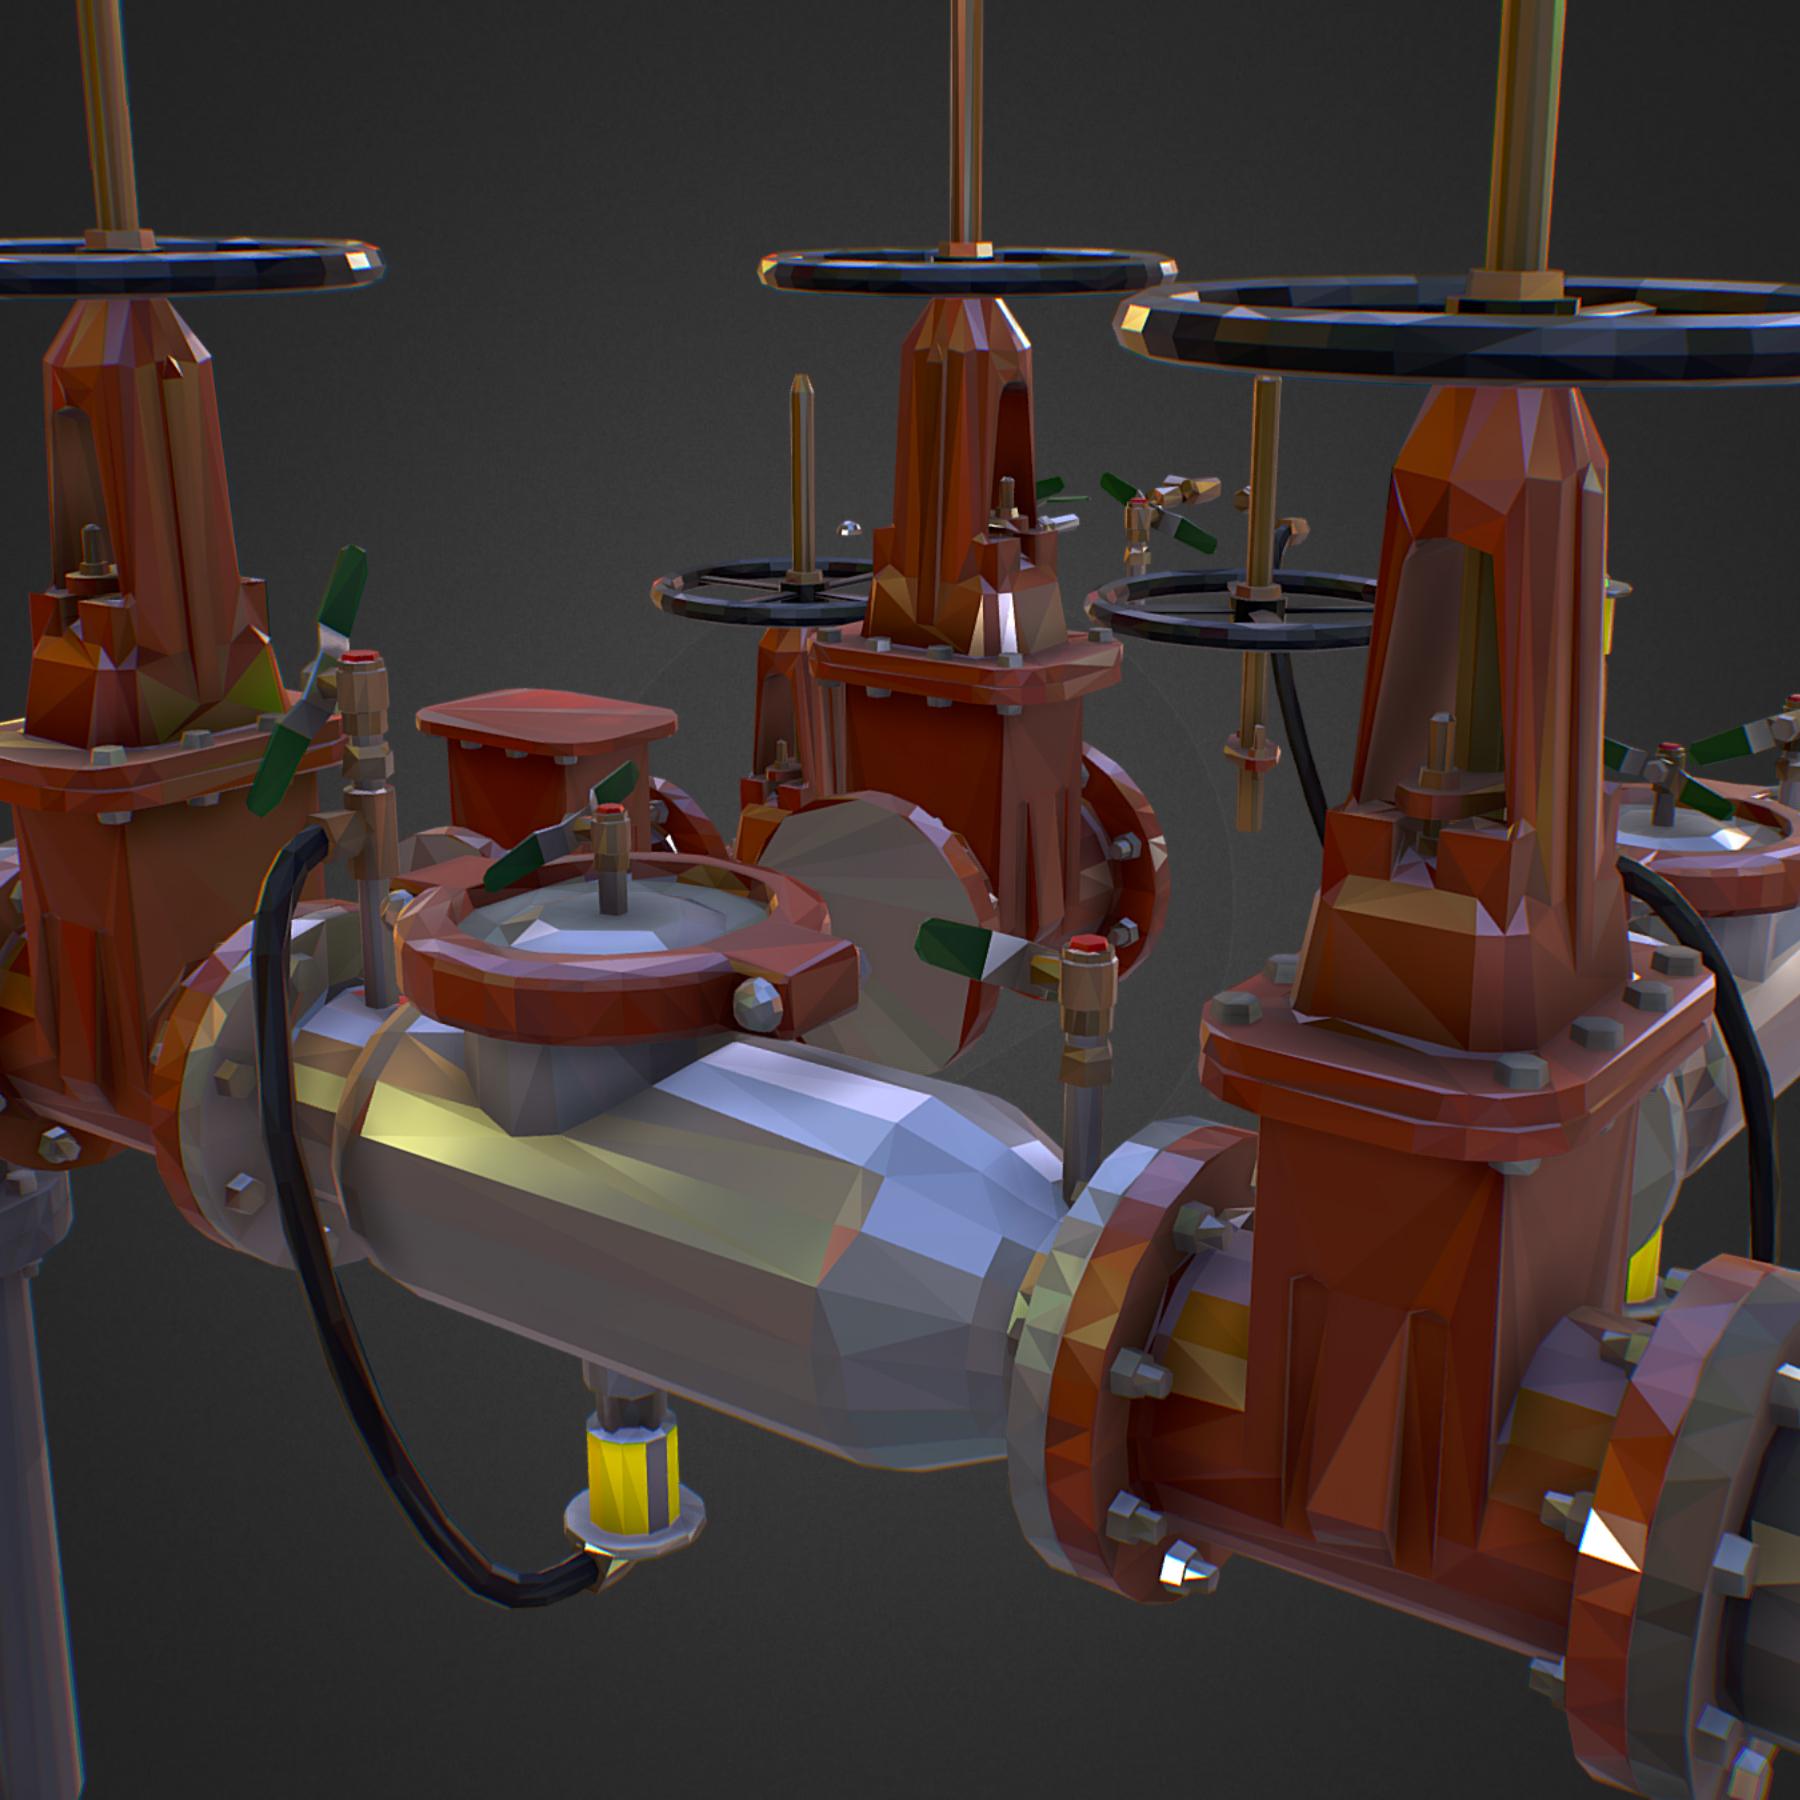 χαμηλός πολυεστιακός κατασκευαστής σωληνώσεων νερού επιστροφής ροής 3d max fbx ma mb tga targa icb vda vst pix obj 272557